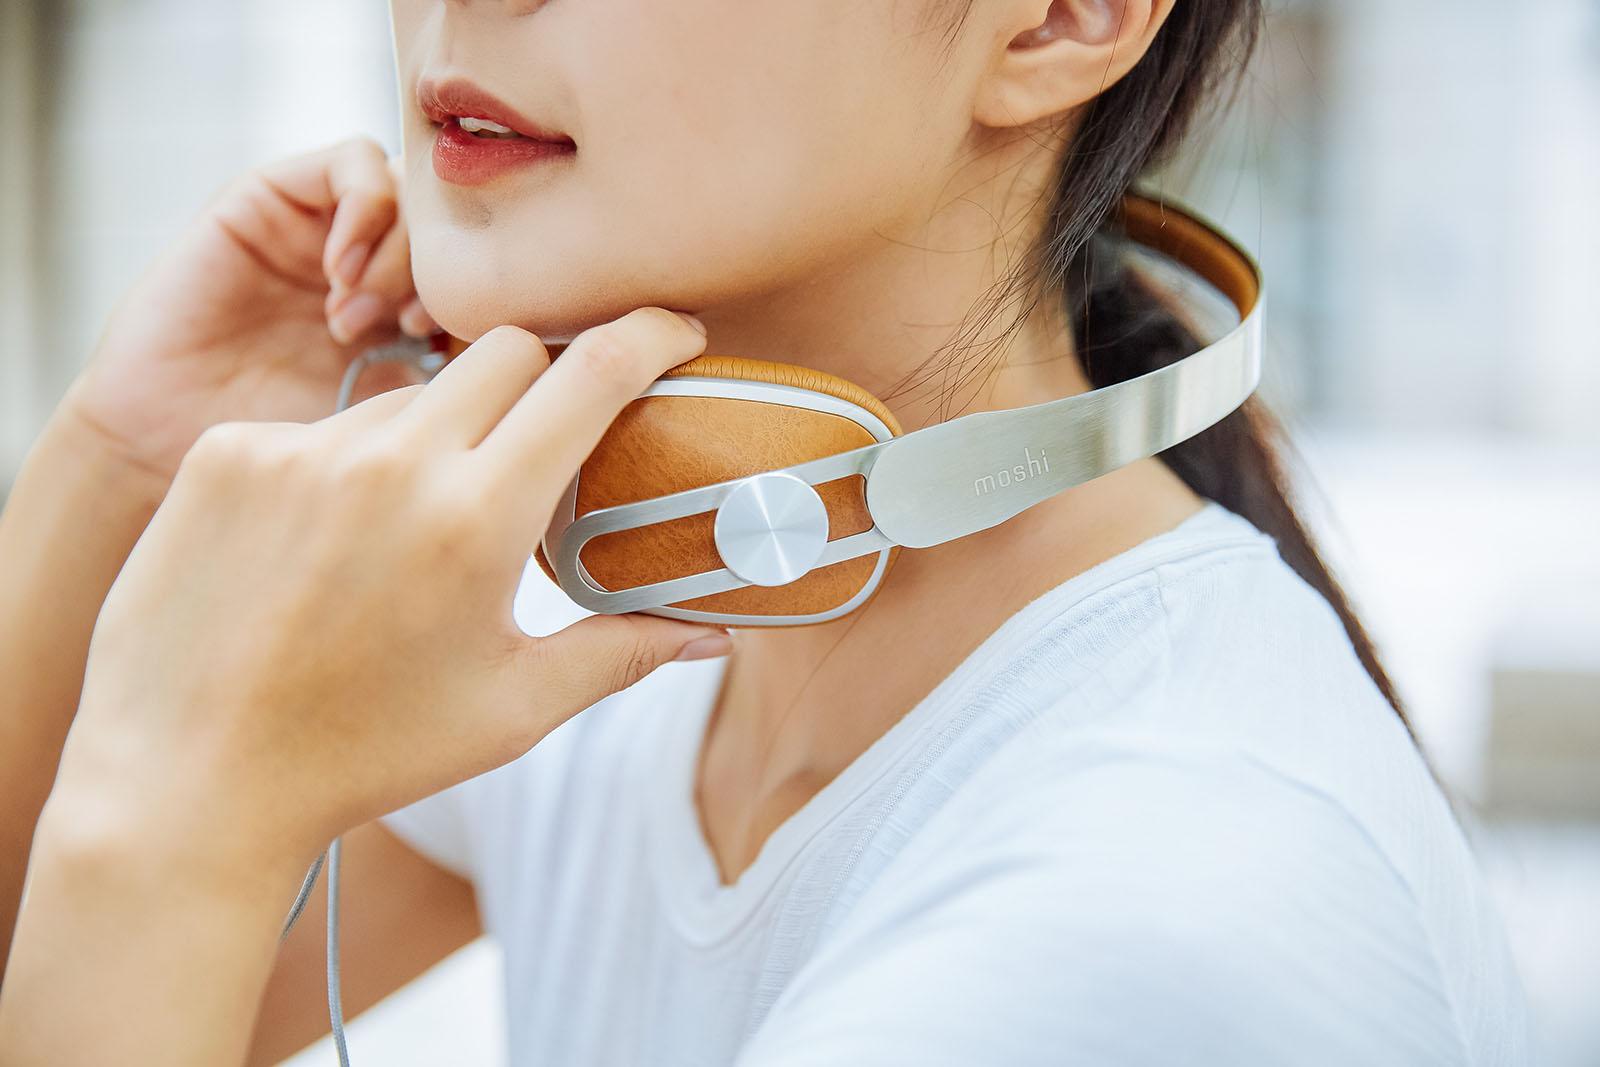 耳罩的角度可依個人偏好彈性調整,只要輕輕左右轉動,就能找到最舒適的狀態享受音樂。